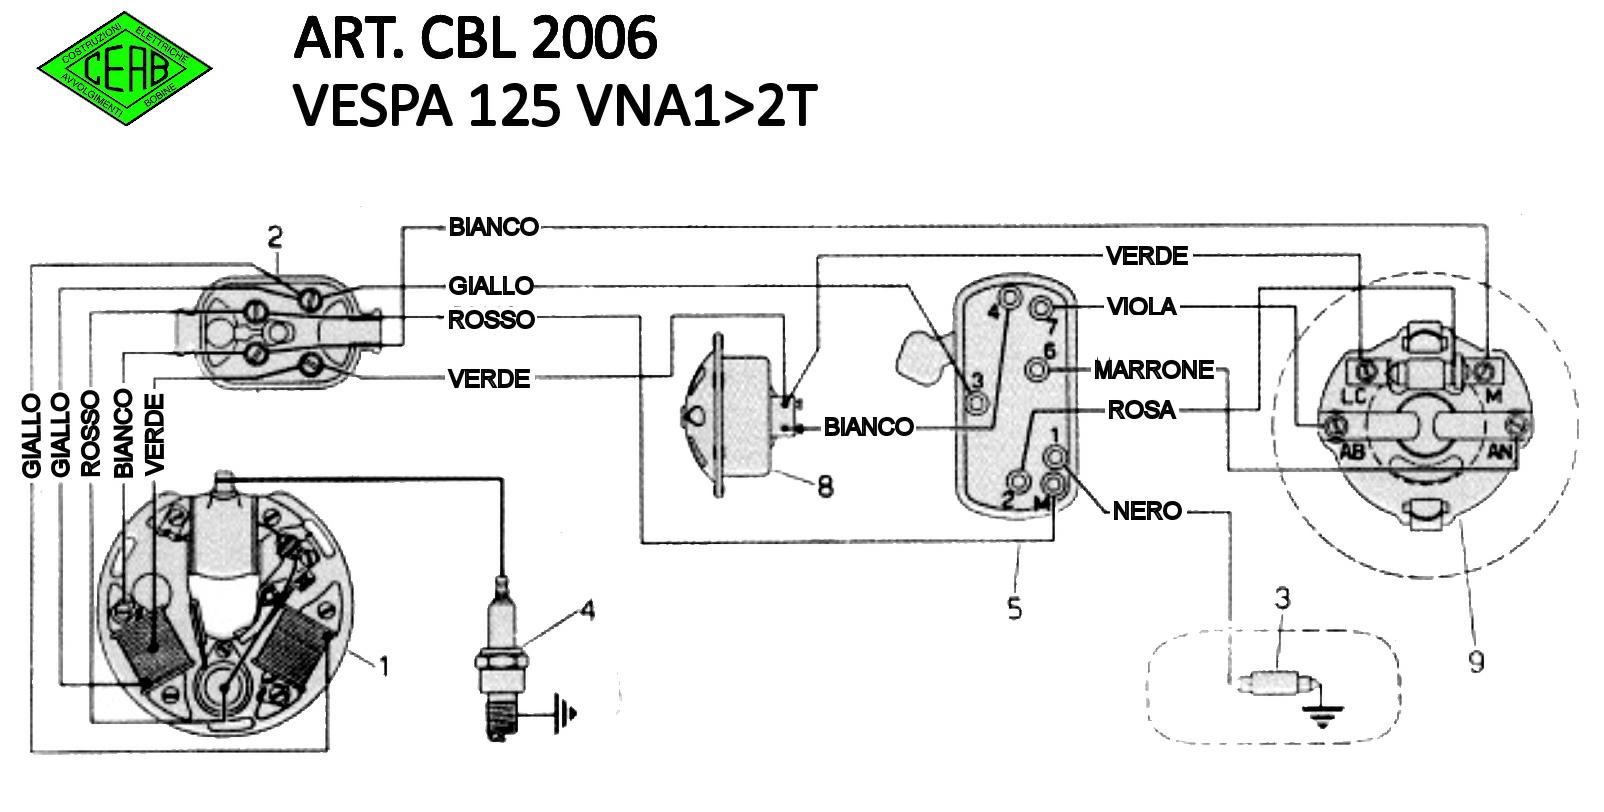 Schema Elettrico Et3 : Impianto elettrico vespa vna problema elaborazioni e